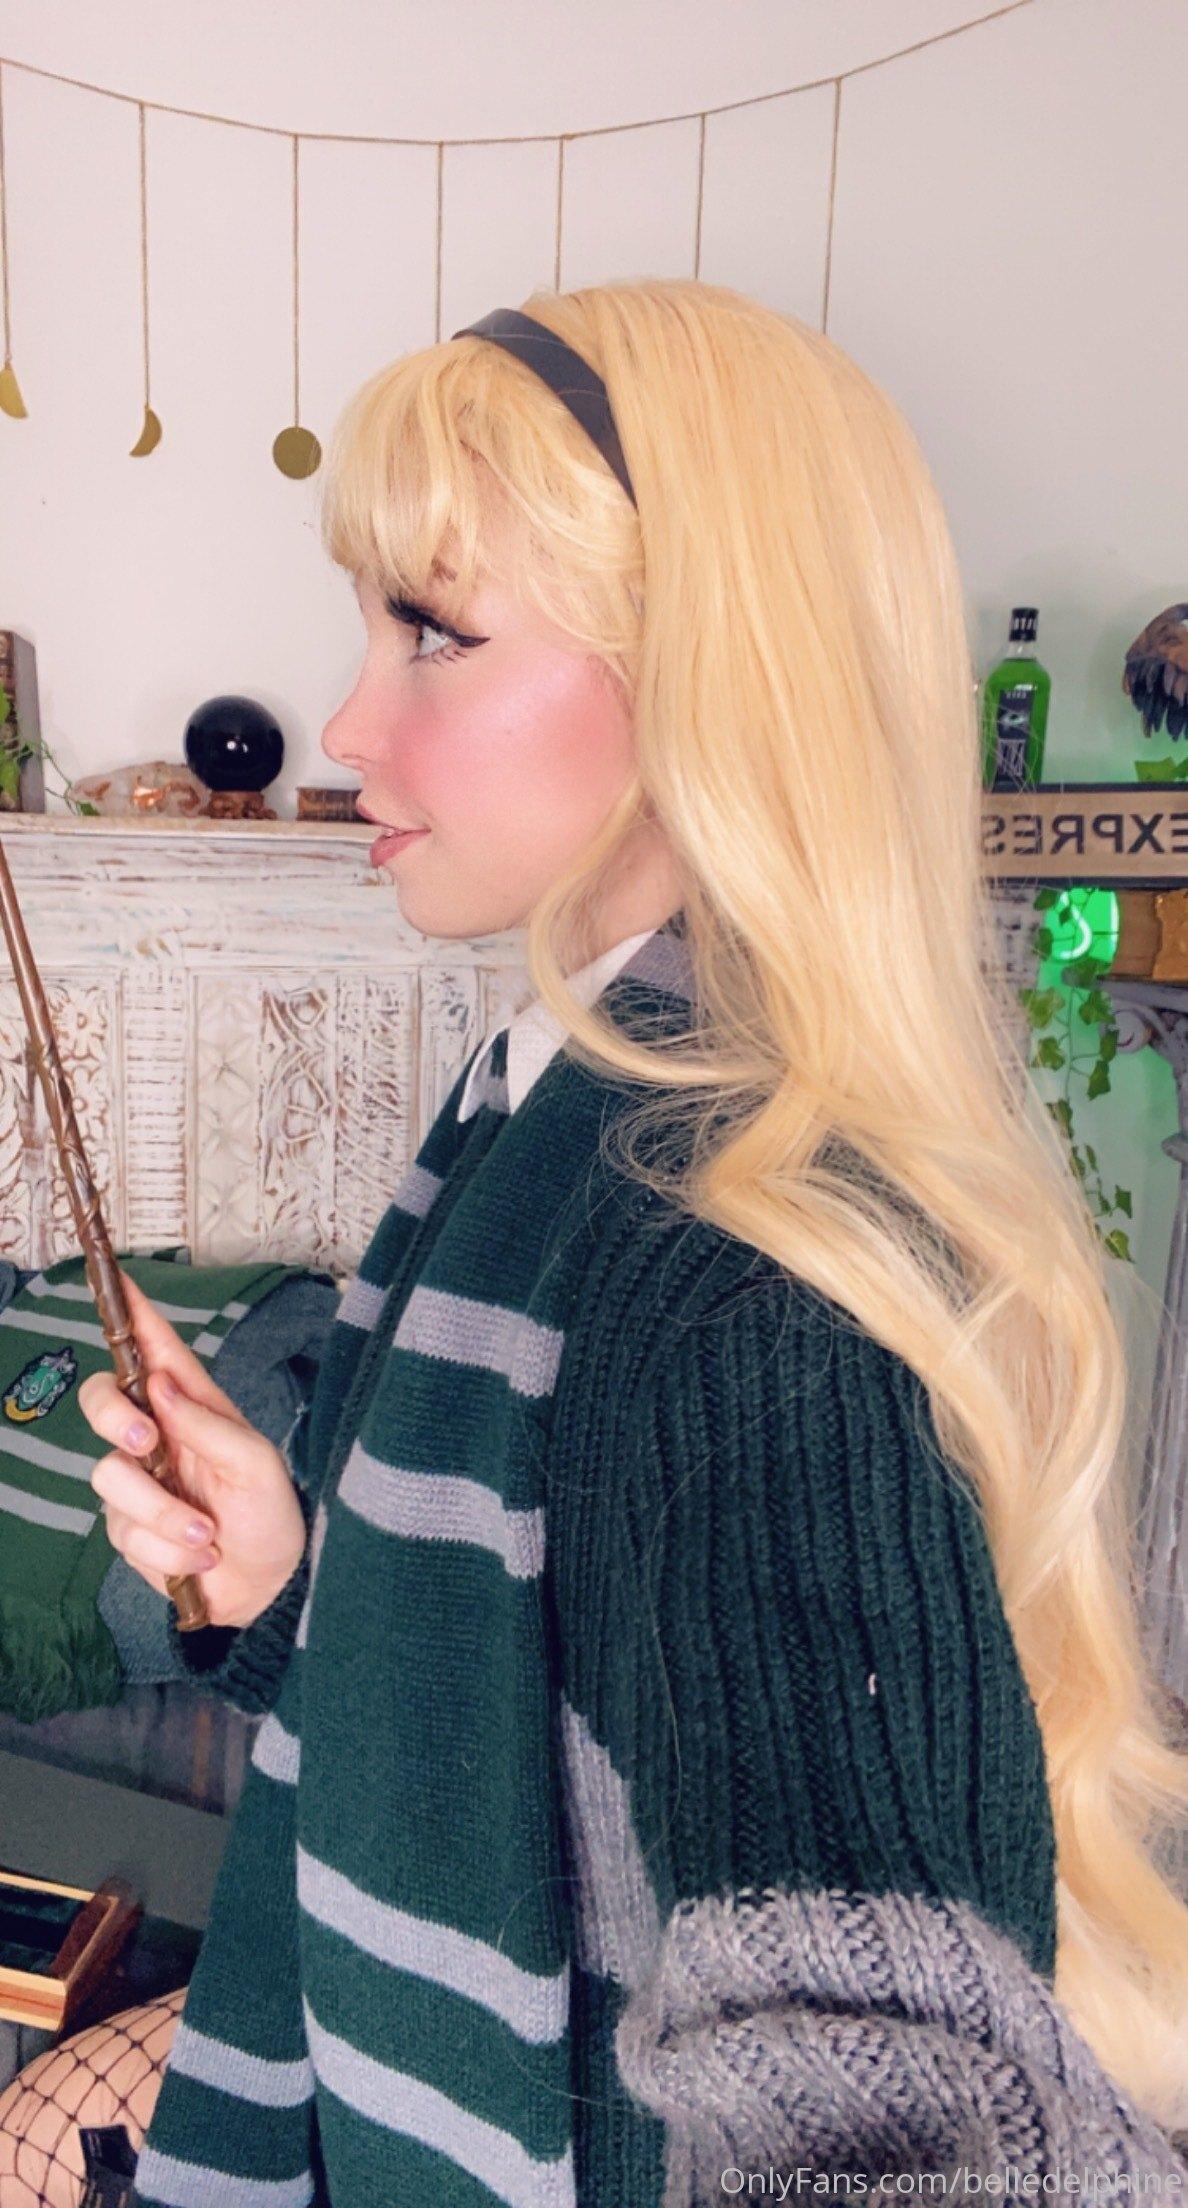 Belle Delphine Hogwarts Student Set 0039